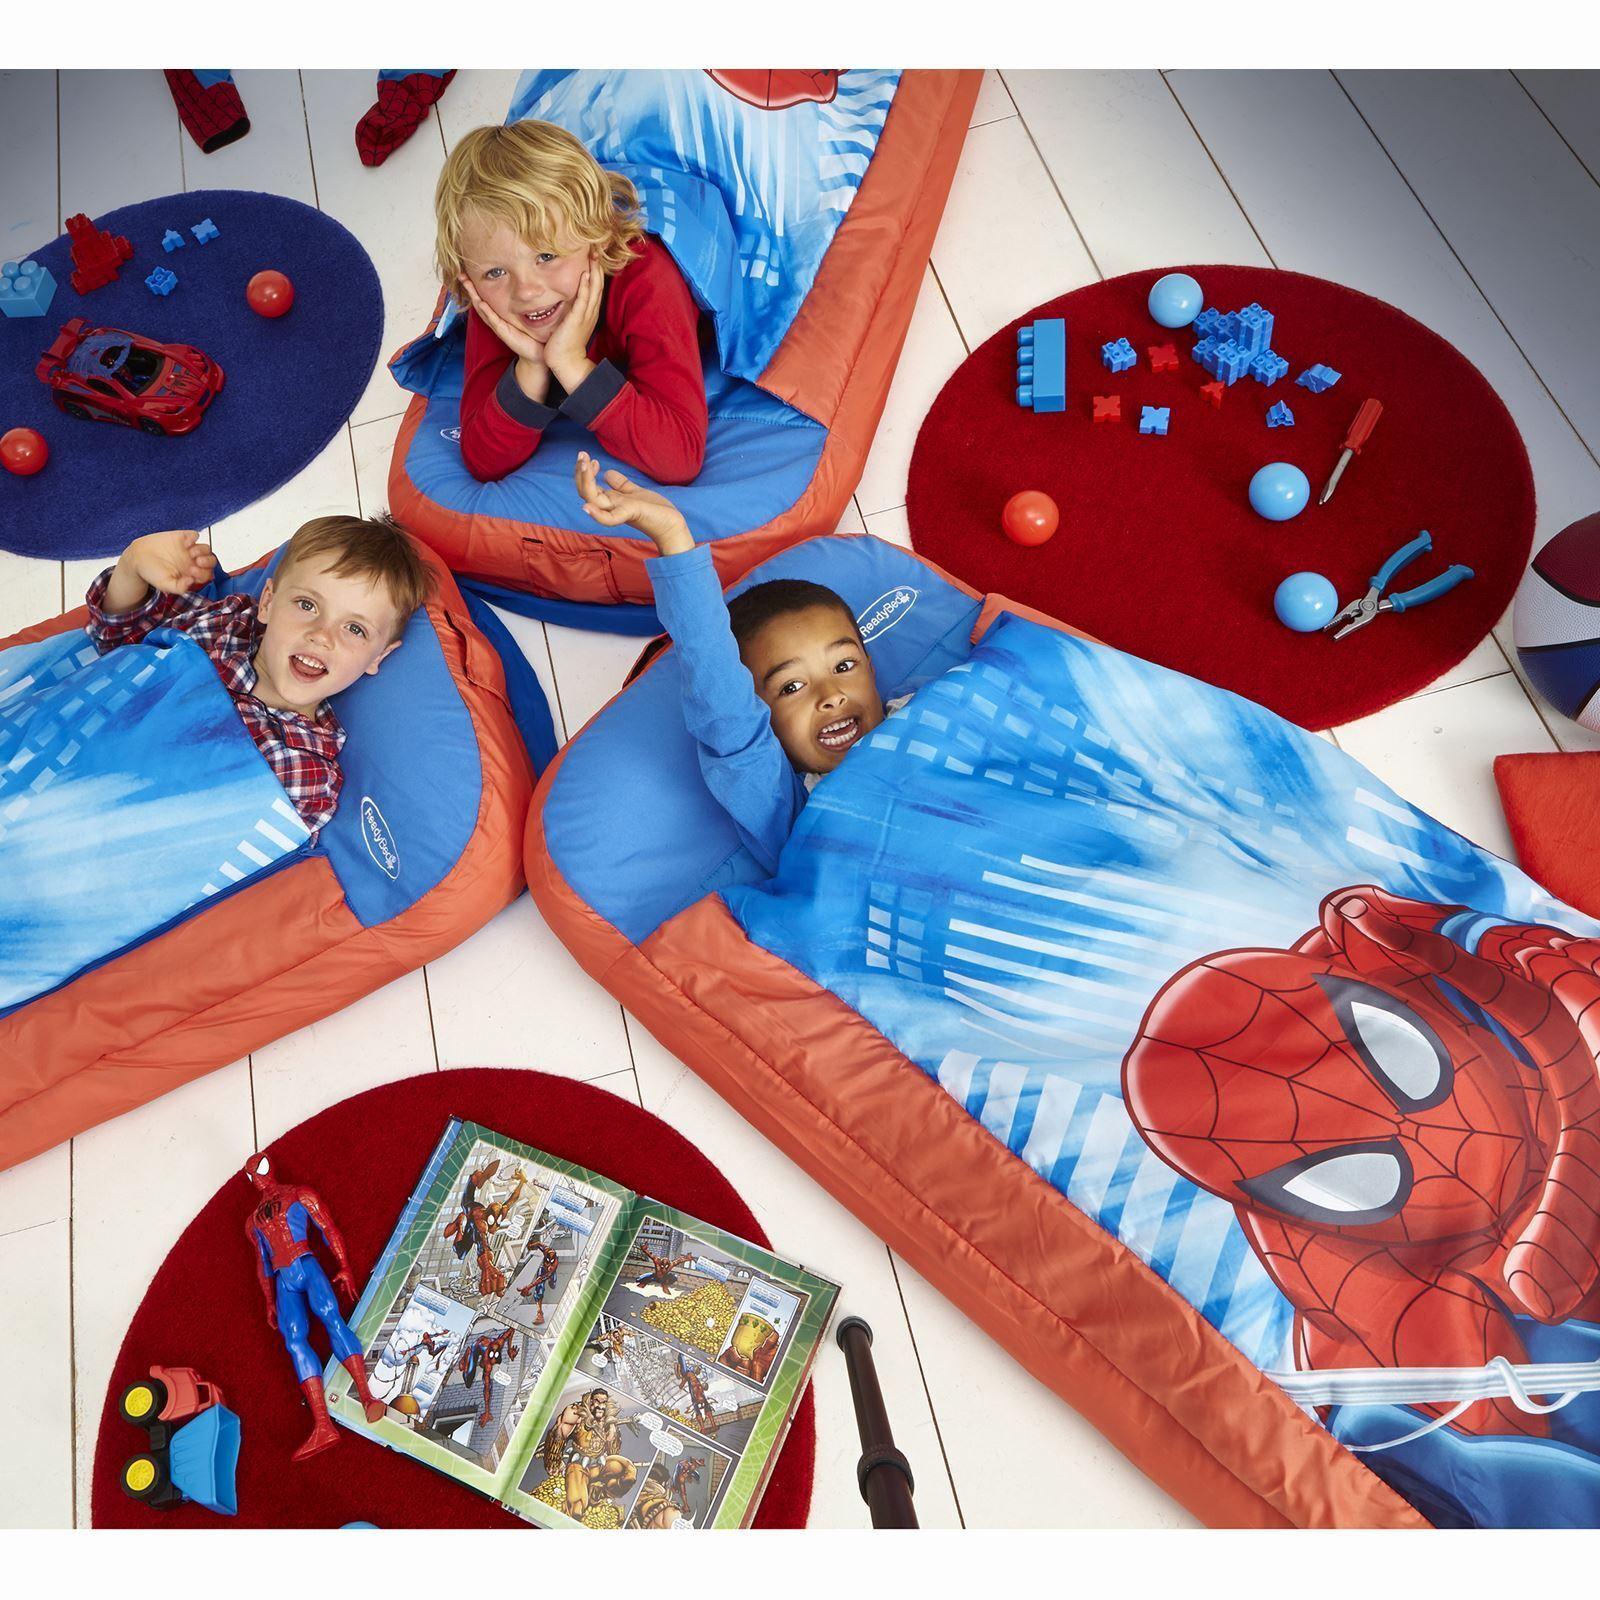 Spiderman per bambini gonfiabile ready letto nuovo - Sacco letto bambini ...